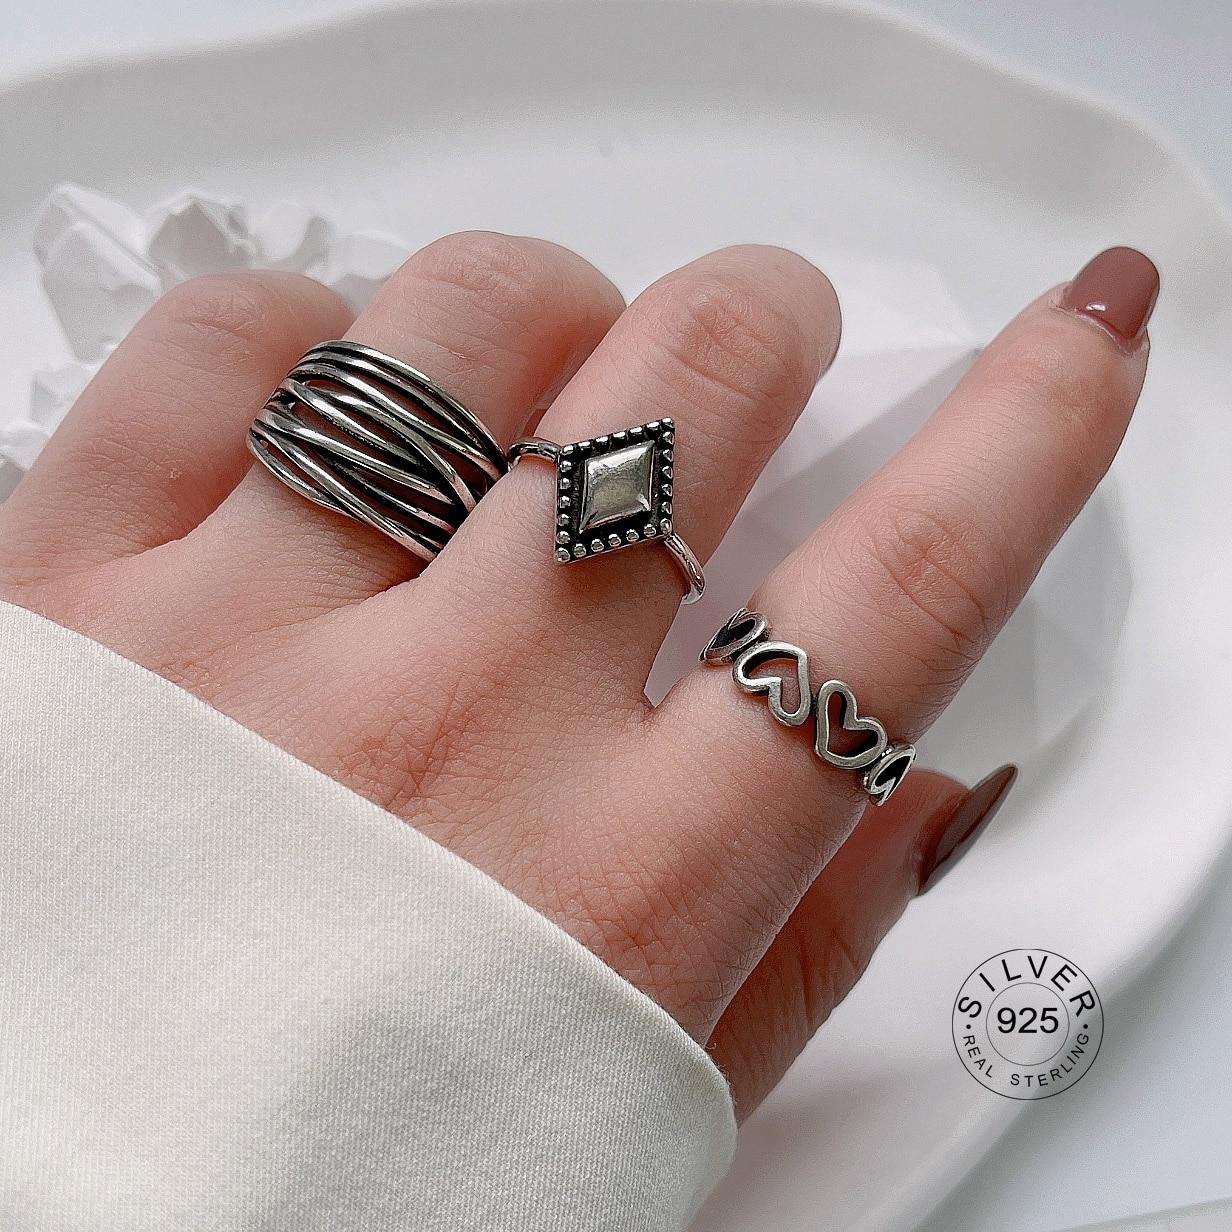 Модные-женские-Кольца-из-стерлингового-серебра-925-пробы-с-изысканным-геометрическим-рисунком-в-стиле-ретро-ювелирные-изделия-для-вечеринк